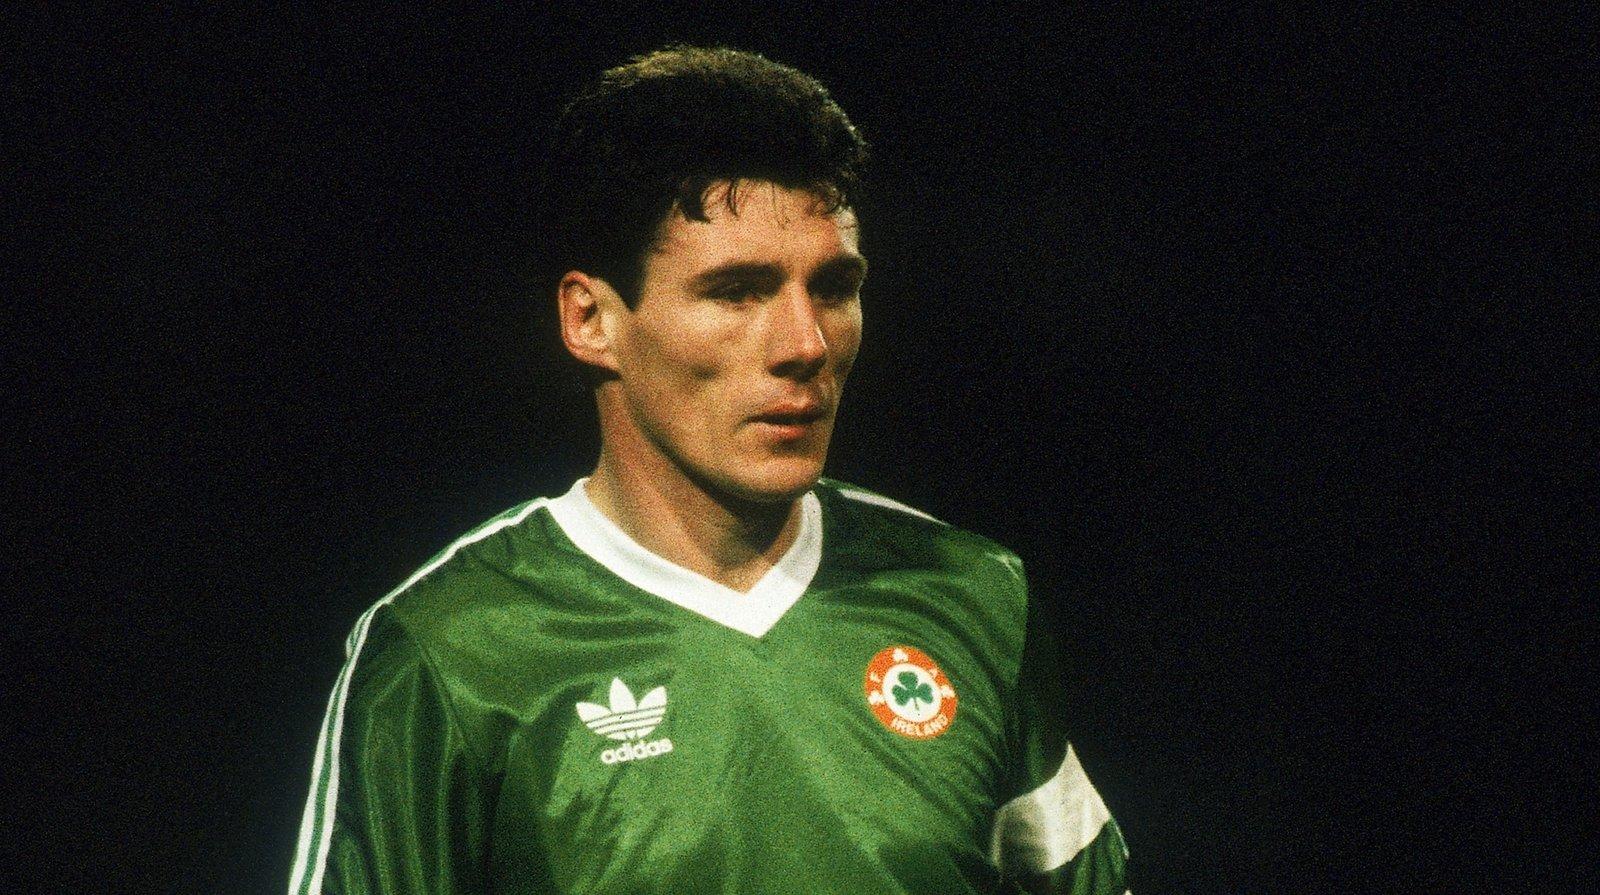 Image - Frank Stapleton as captain in February 1987